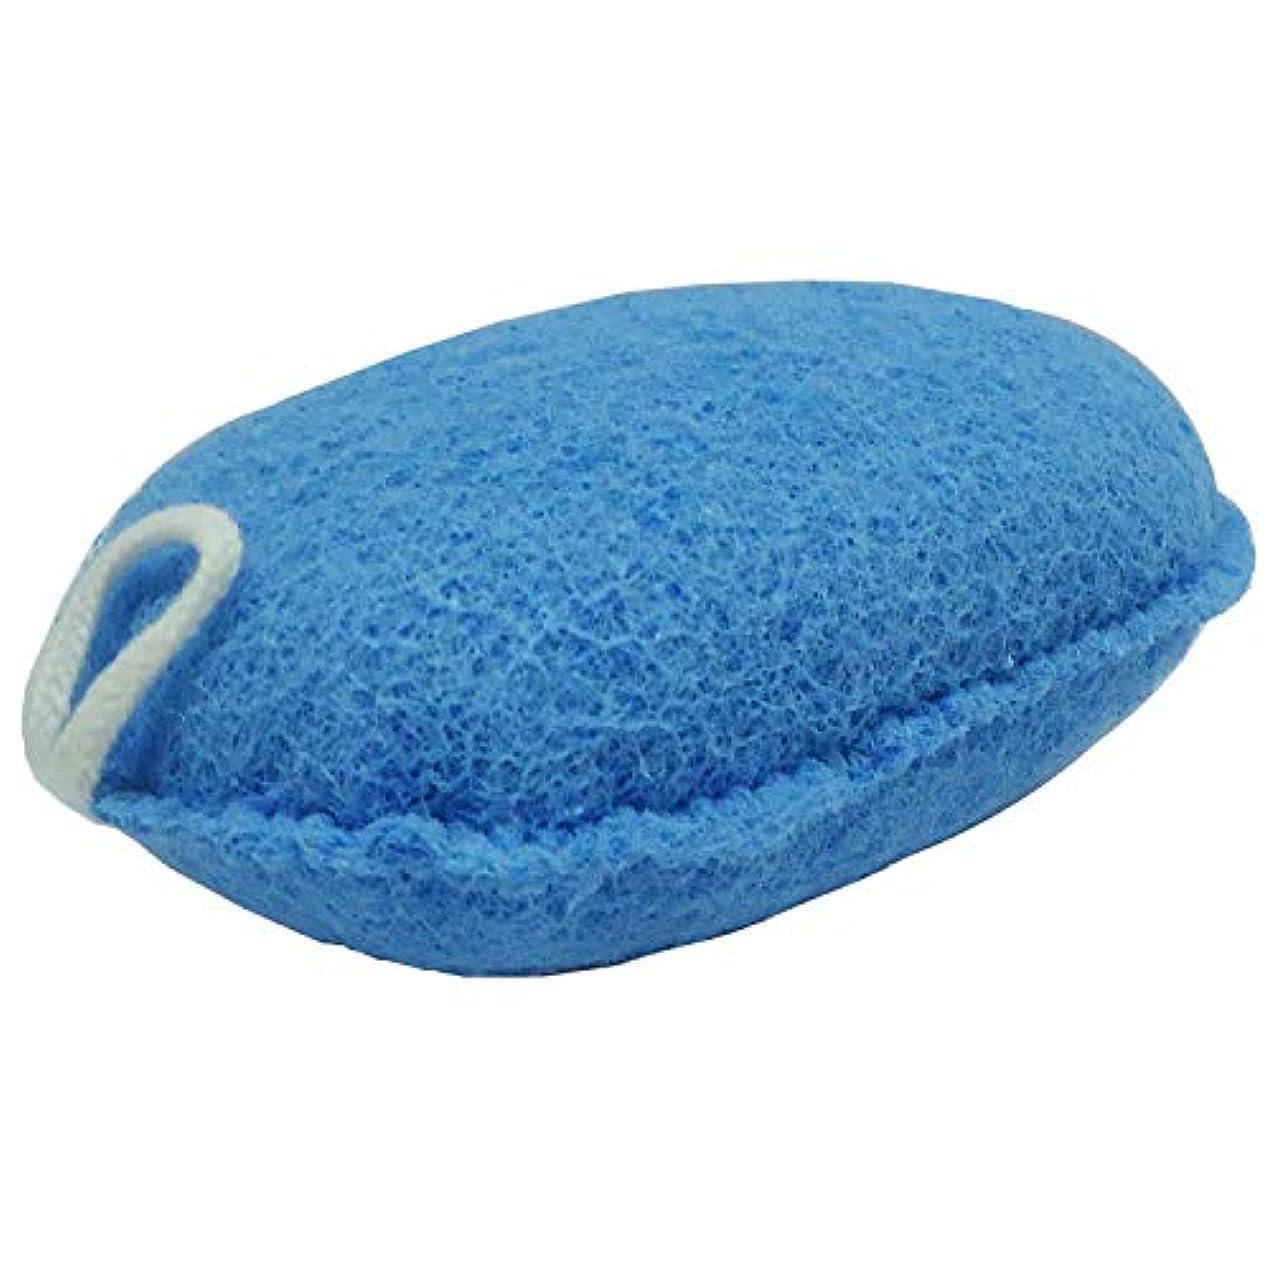 一致する縮約政治的オーエ ボディスポンジ ブルー 約縦14.5×横9.5×奥行5cm nf ヘチマボール 体洗い 泡立て 日本製